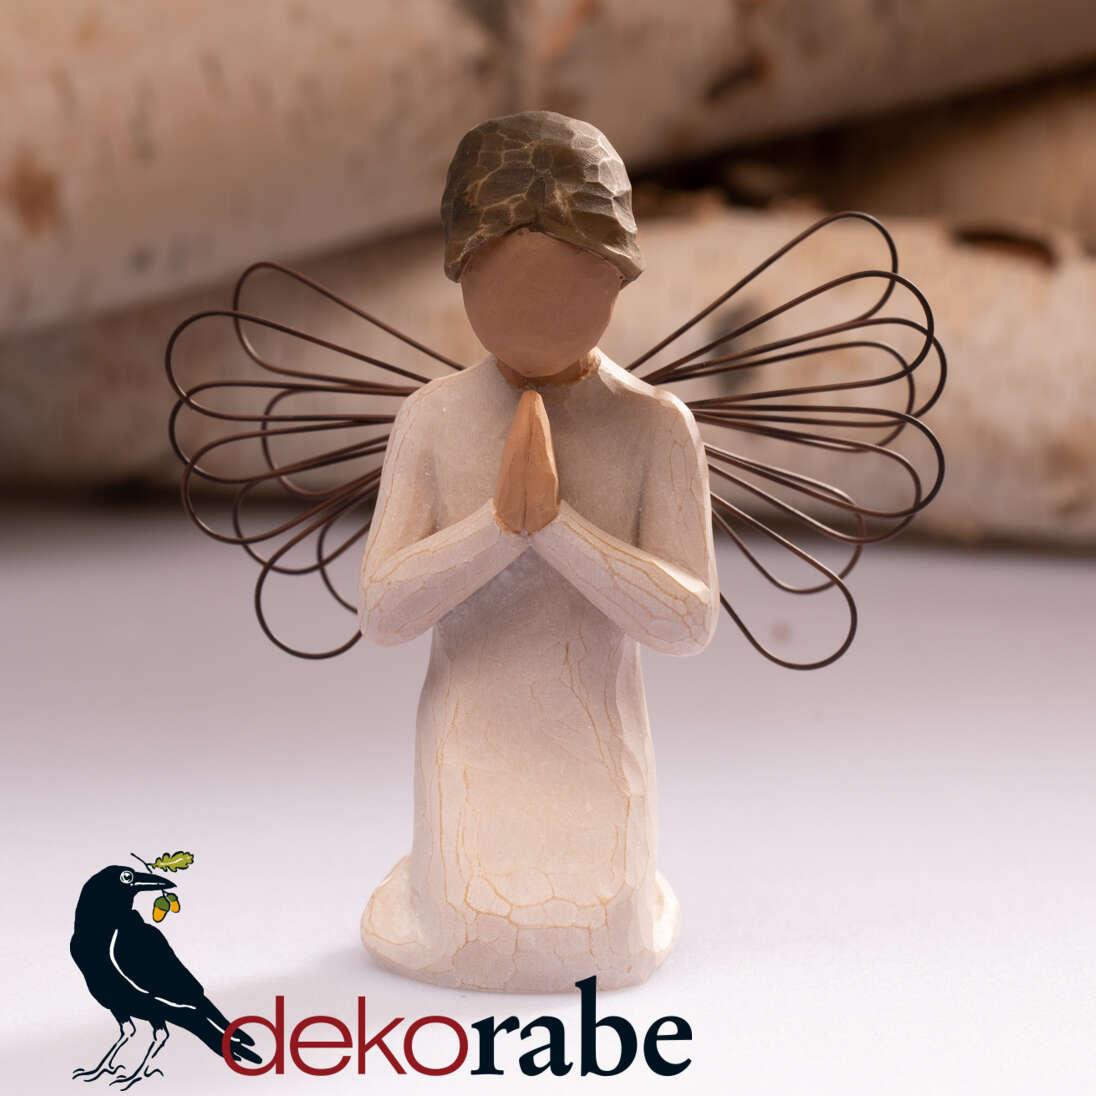 Engel des Gebetes Betender Engel